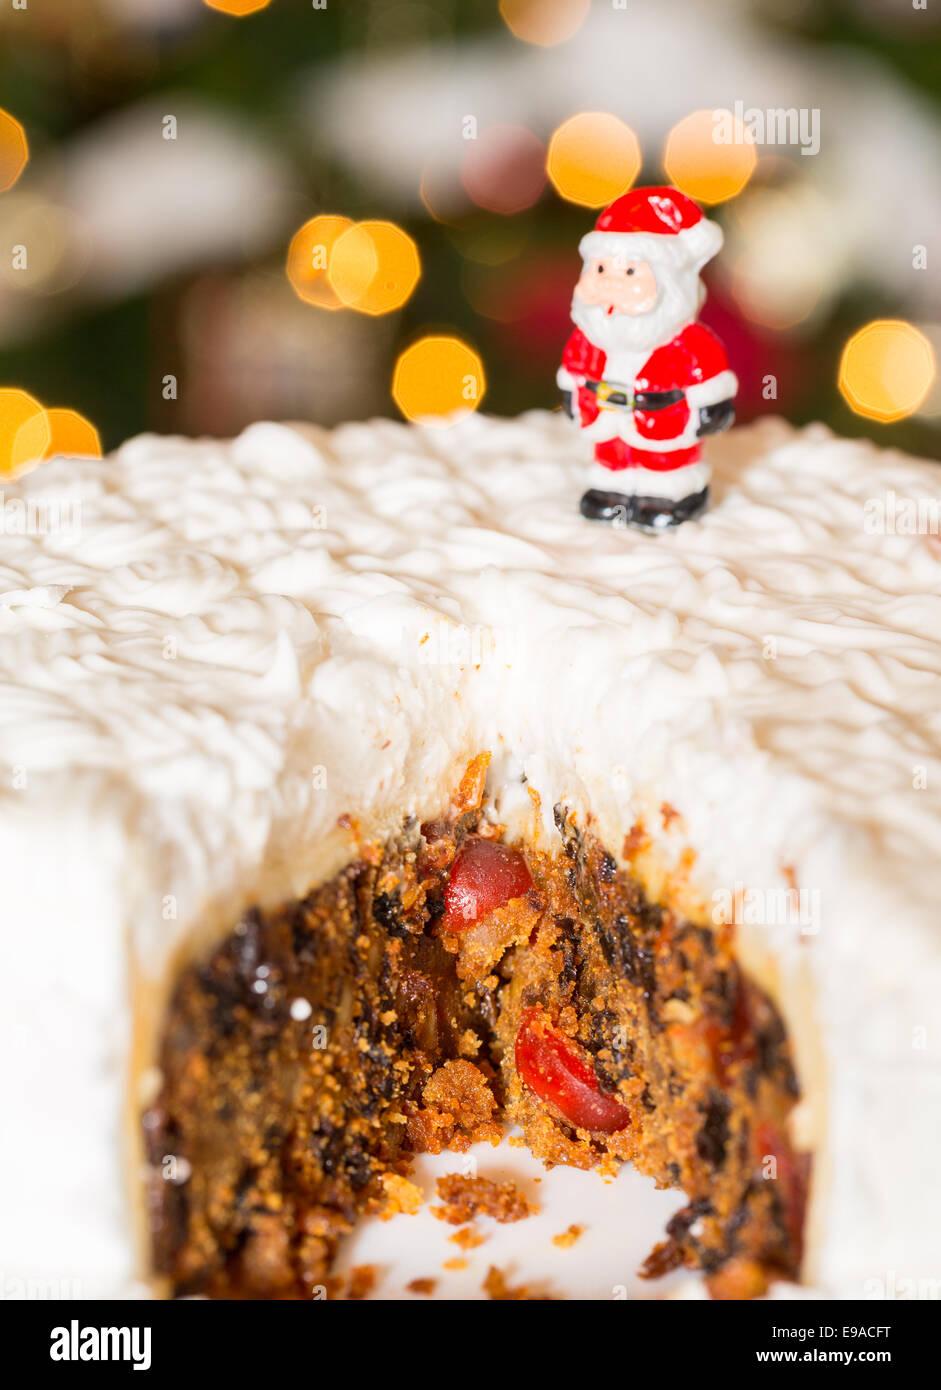 Vater Weihnachten Marzipan Kuchen Dekoration Stockfotos Vater